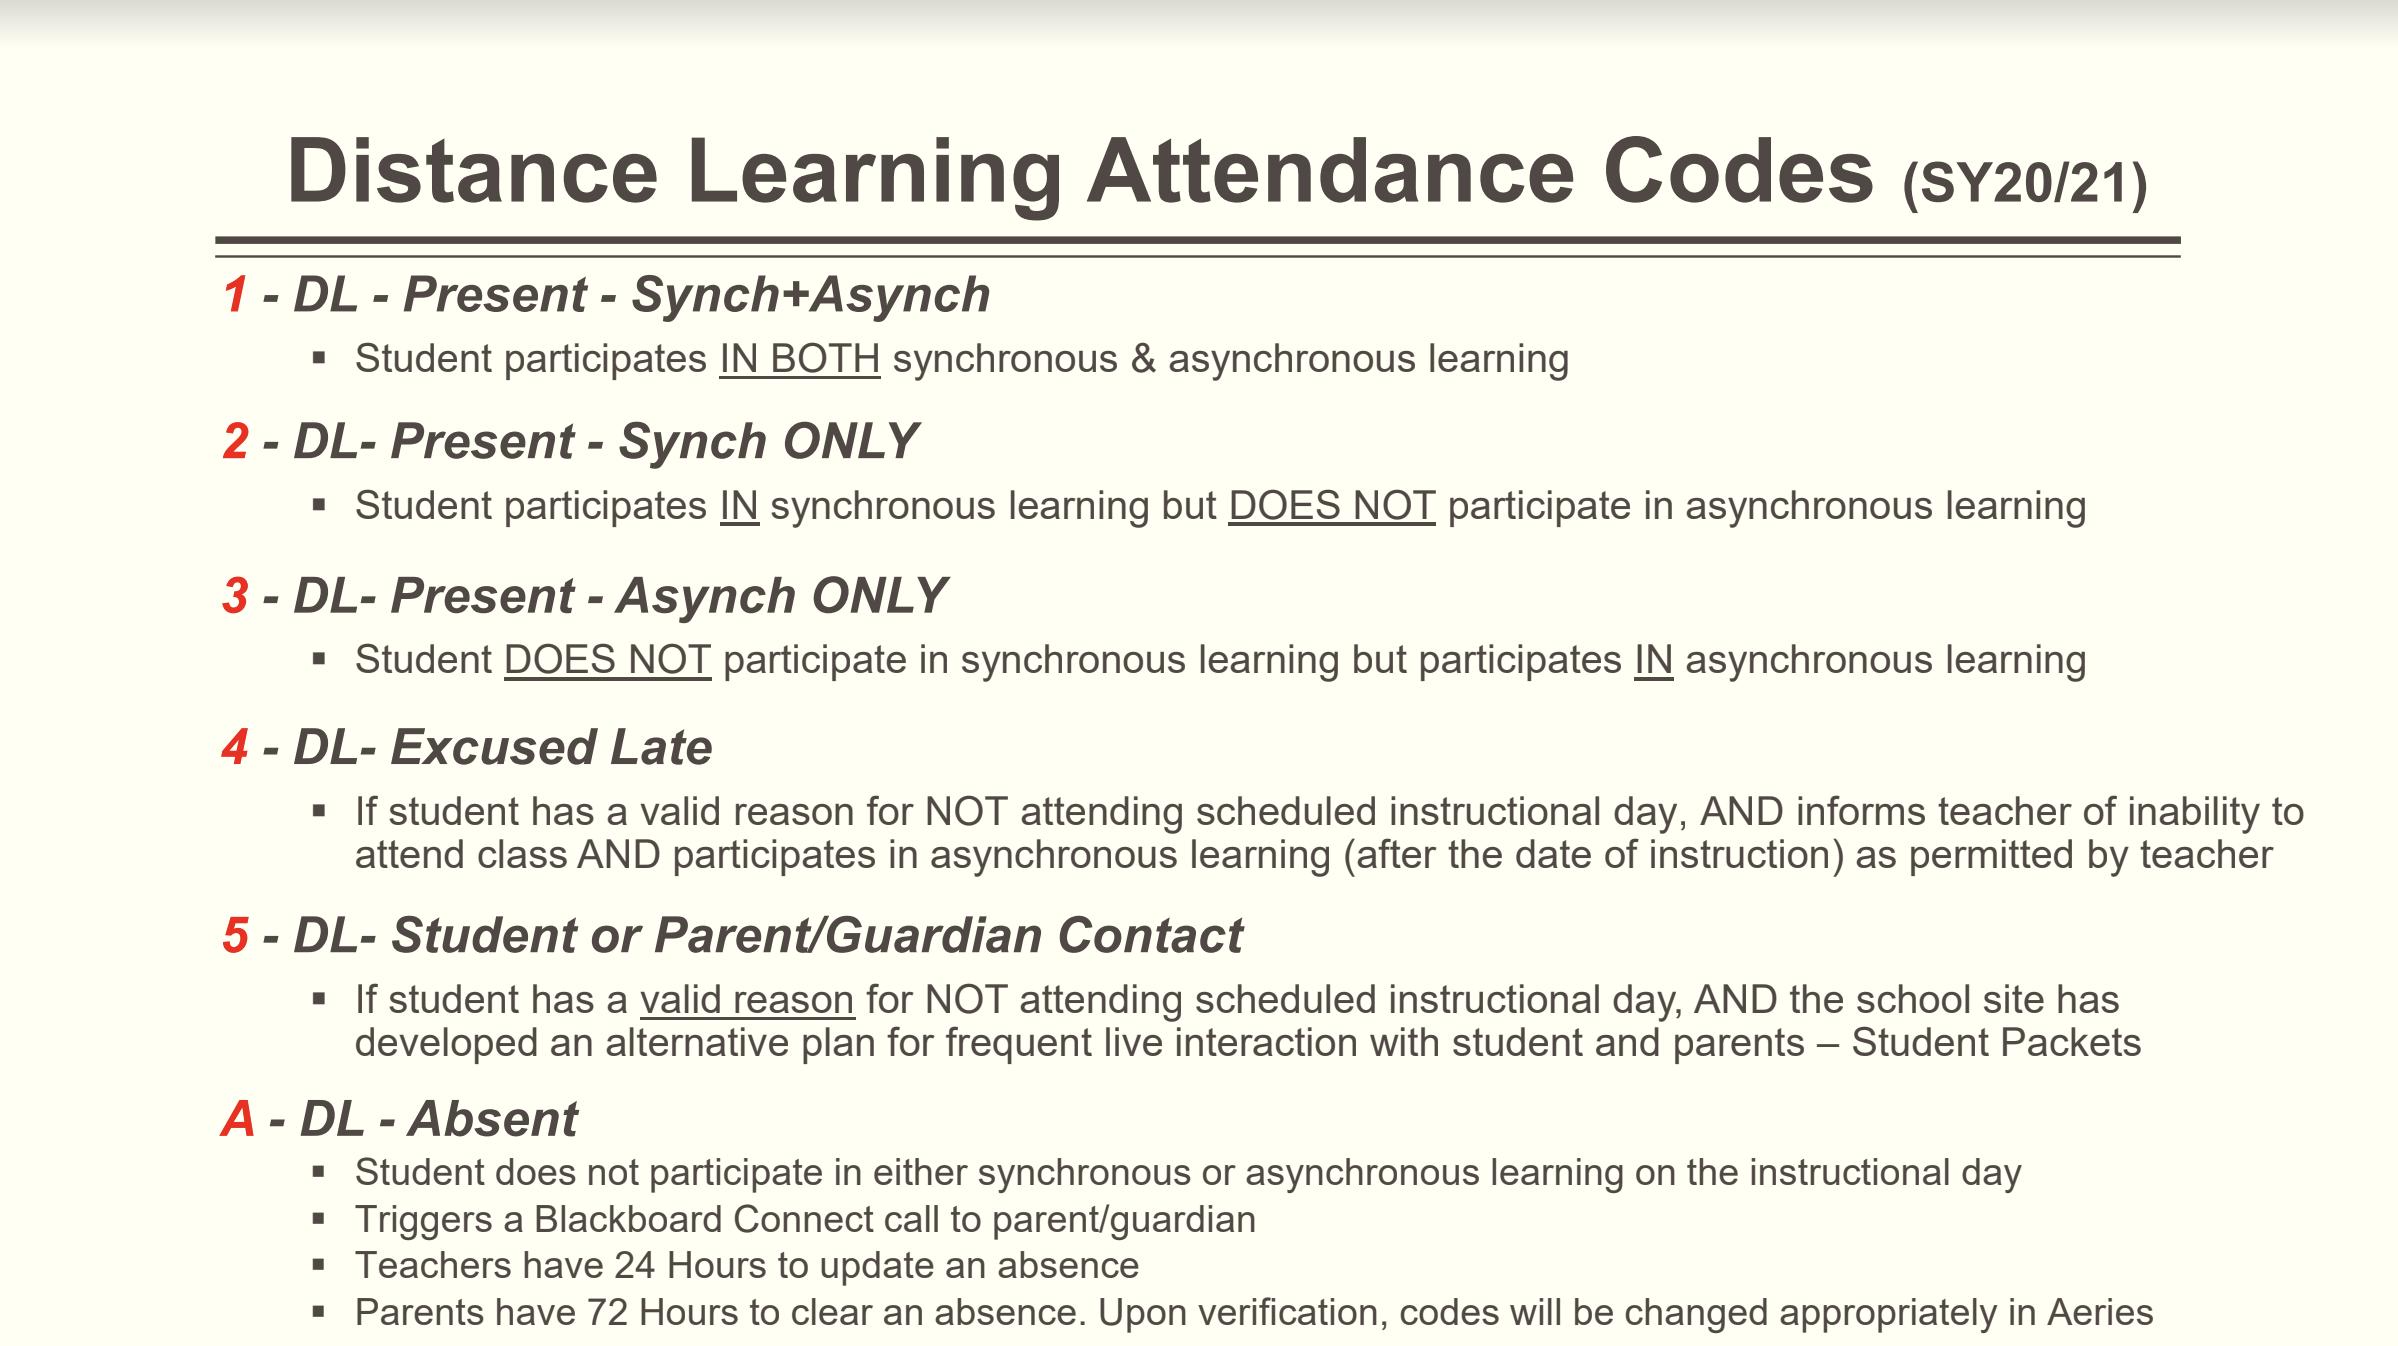 DL attendance